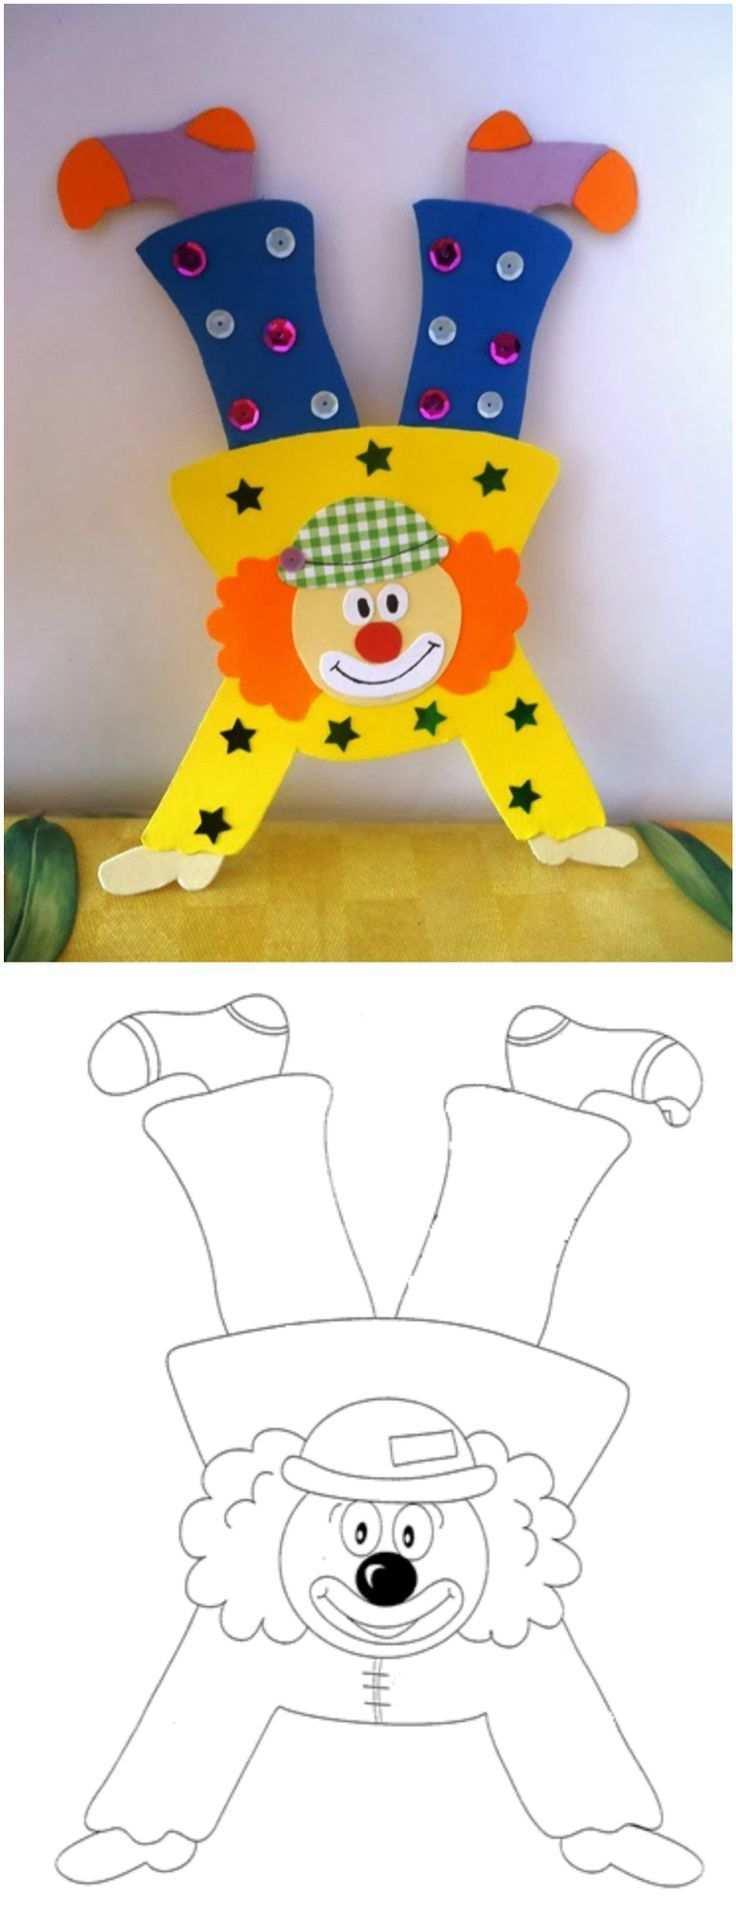 Clown Basteln Mit Kindern Zu Fasching Vorlagen Ideen Und Anleitungen Clown Basteln Vorlage Clown Basteln Fasching Basteln